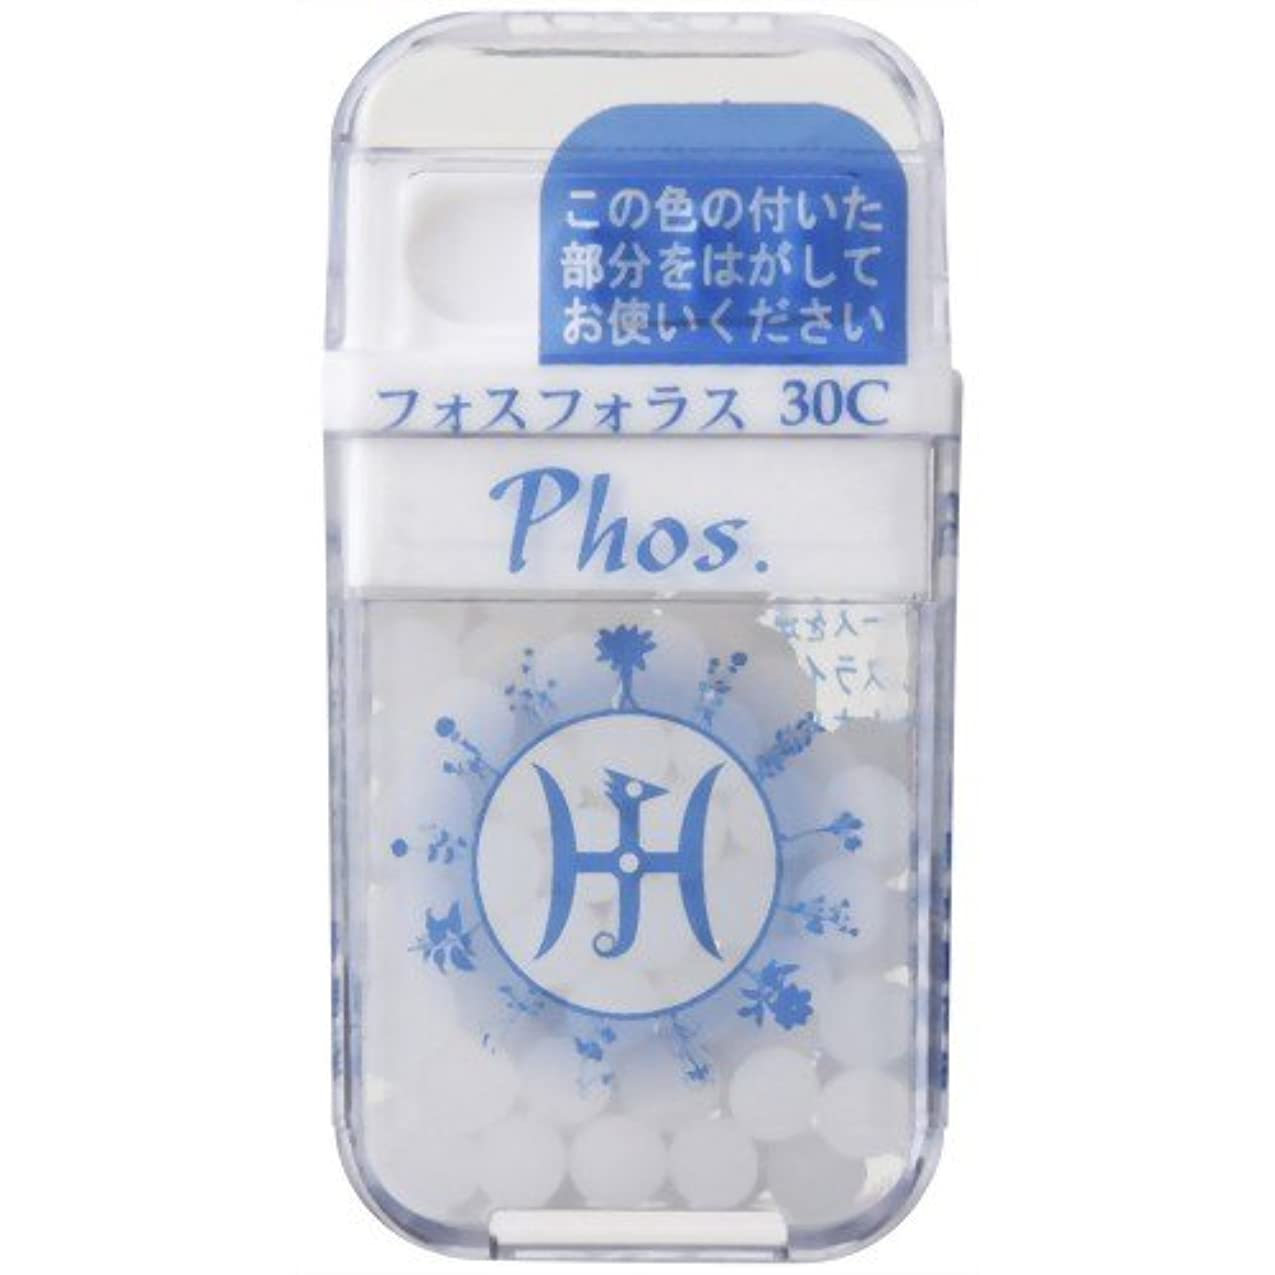 マエストロまた遵守するホメオパシージャパンレメディー Phos.  フォスフォラス 30C (大ビン)